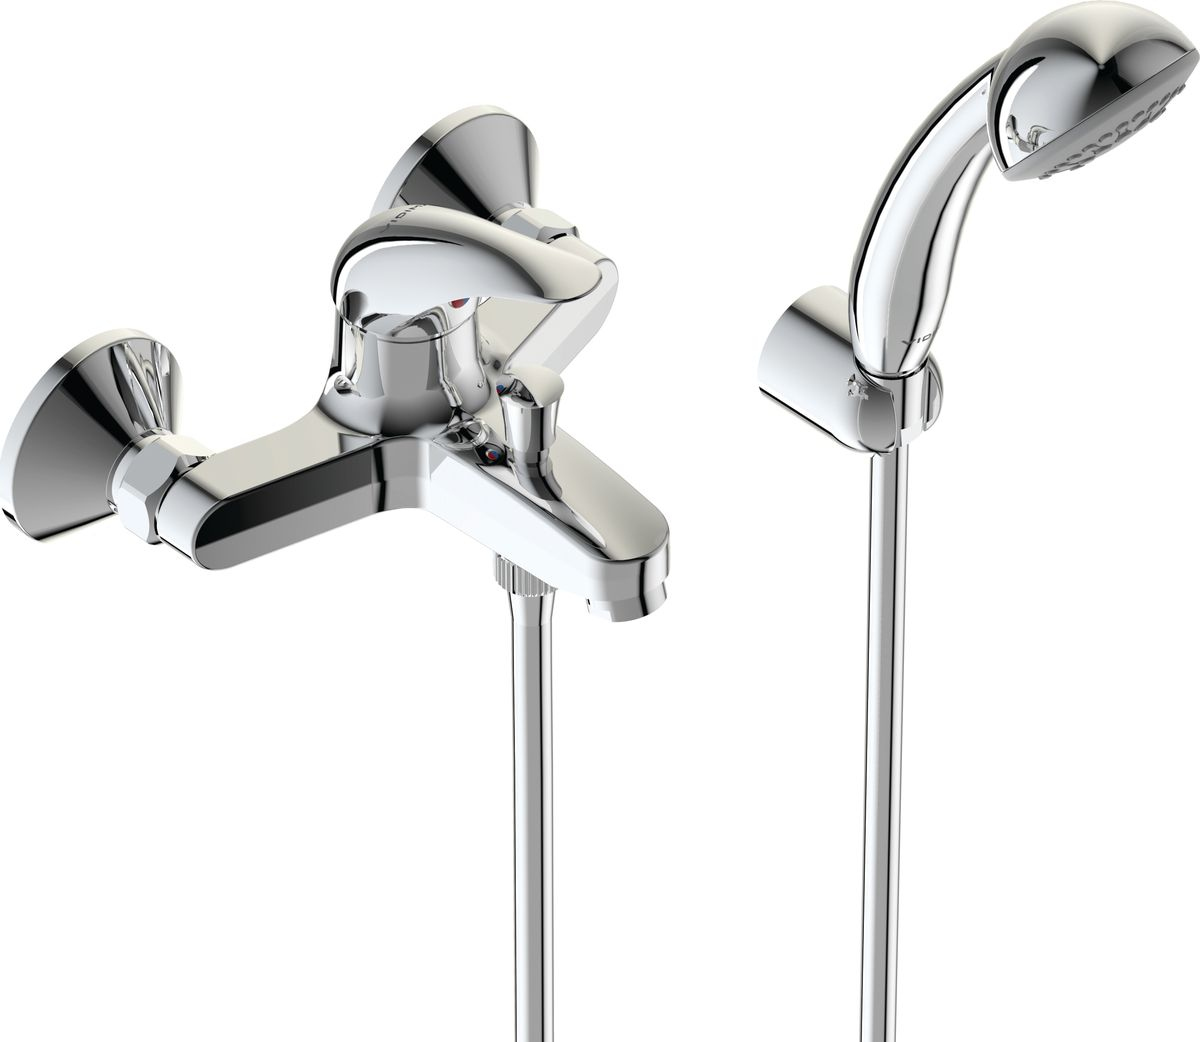 Смеситель для ванны Vidima Орион. BA004AABL505Смеситель для ванны Vidima Орион имеет корпус и излив из 100% латуни. Изделие устанавливается на стену. Система облегченного монтажа SmartFix обеспечивает комфорт во время установки и надежность эксплуатации. Монтаж производится на стандартных эксцентриках (в комплекте: эксцентрики, металлические отражатели, уплотнительные прокладки). Смеситель снабжен литым изливом и аэратором Perlator. Металлическая рукоятка имеет систему защиты от нагревания Comfort Touch и индикатор холодной/горячей воды. Душевой гарнитур в комплекте (душевая лейка, металлический шланг, держатель для лейки). Переключение ванна/душ осуществляется вручную. Возможность использовать функцию душ даже при очень низком давлении воды. Технические характеристики: Расстояние от стены до аэратора: 152 мм. Керамический картридж: 35 мм. Диаметр душевой лейки: 70 мм. Длина металлического шланга: 150 см.